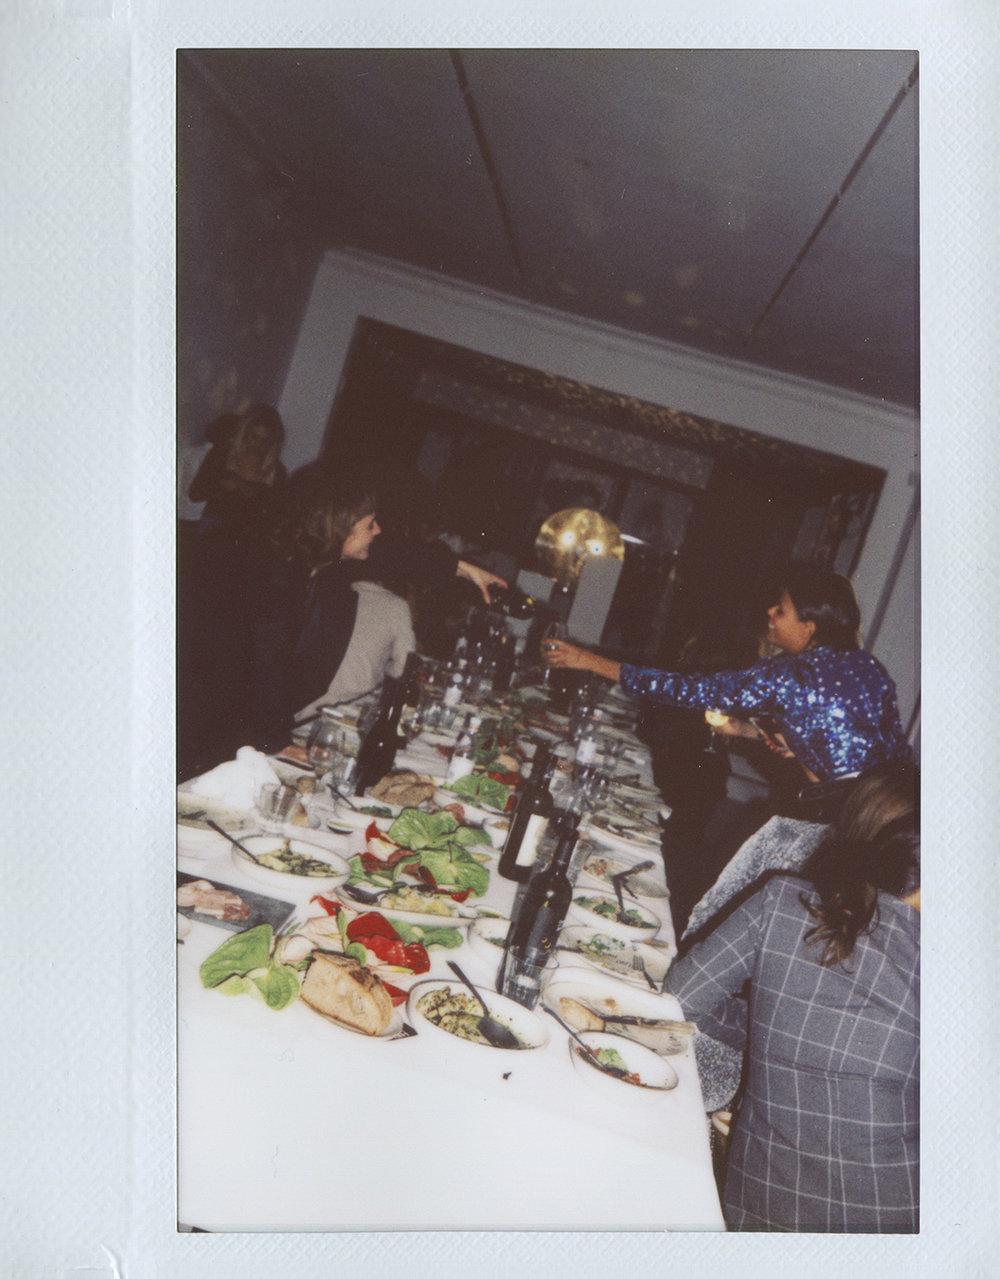 Nelly dinner by Polina_16.jpg